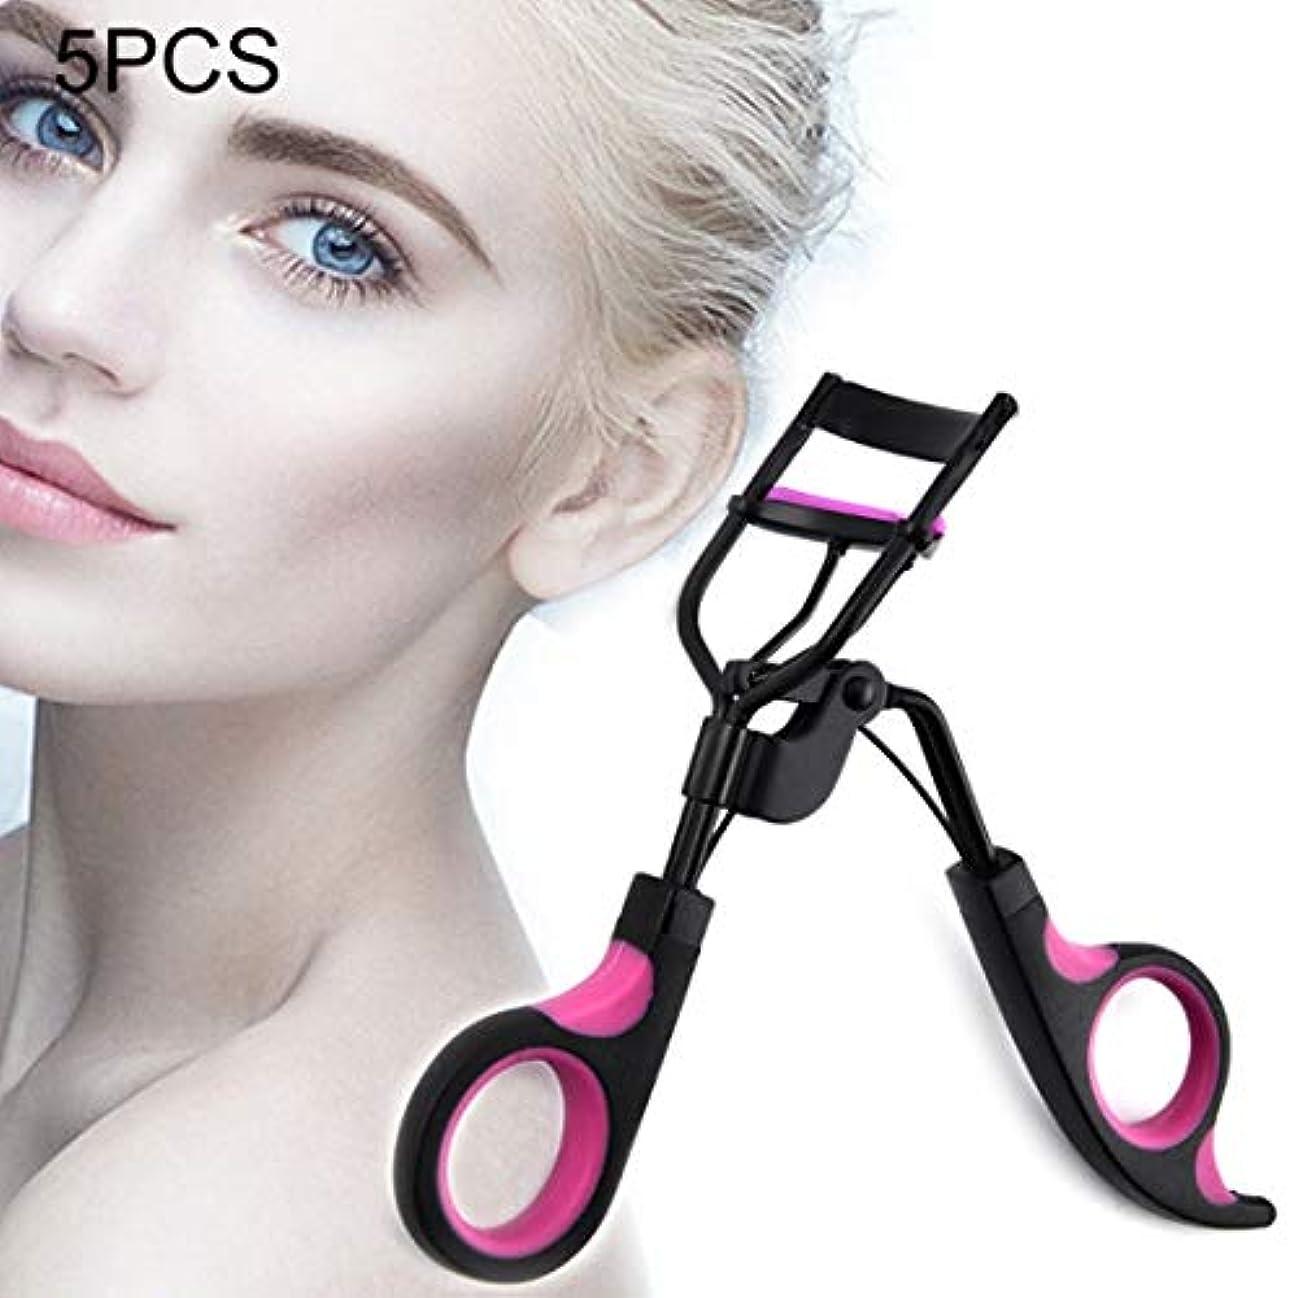 追記排除調べる美容アクセサリー 5 PCS 2色超広角メイクアップツールまつげカラー、ランダムカラーデリバリー 写真美容アクセサリー